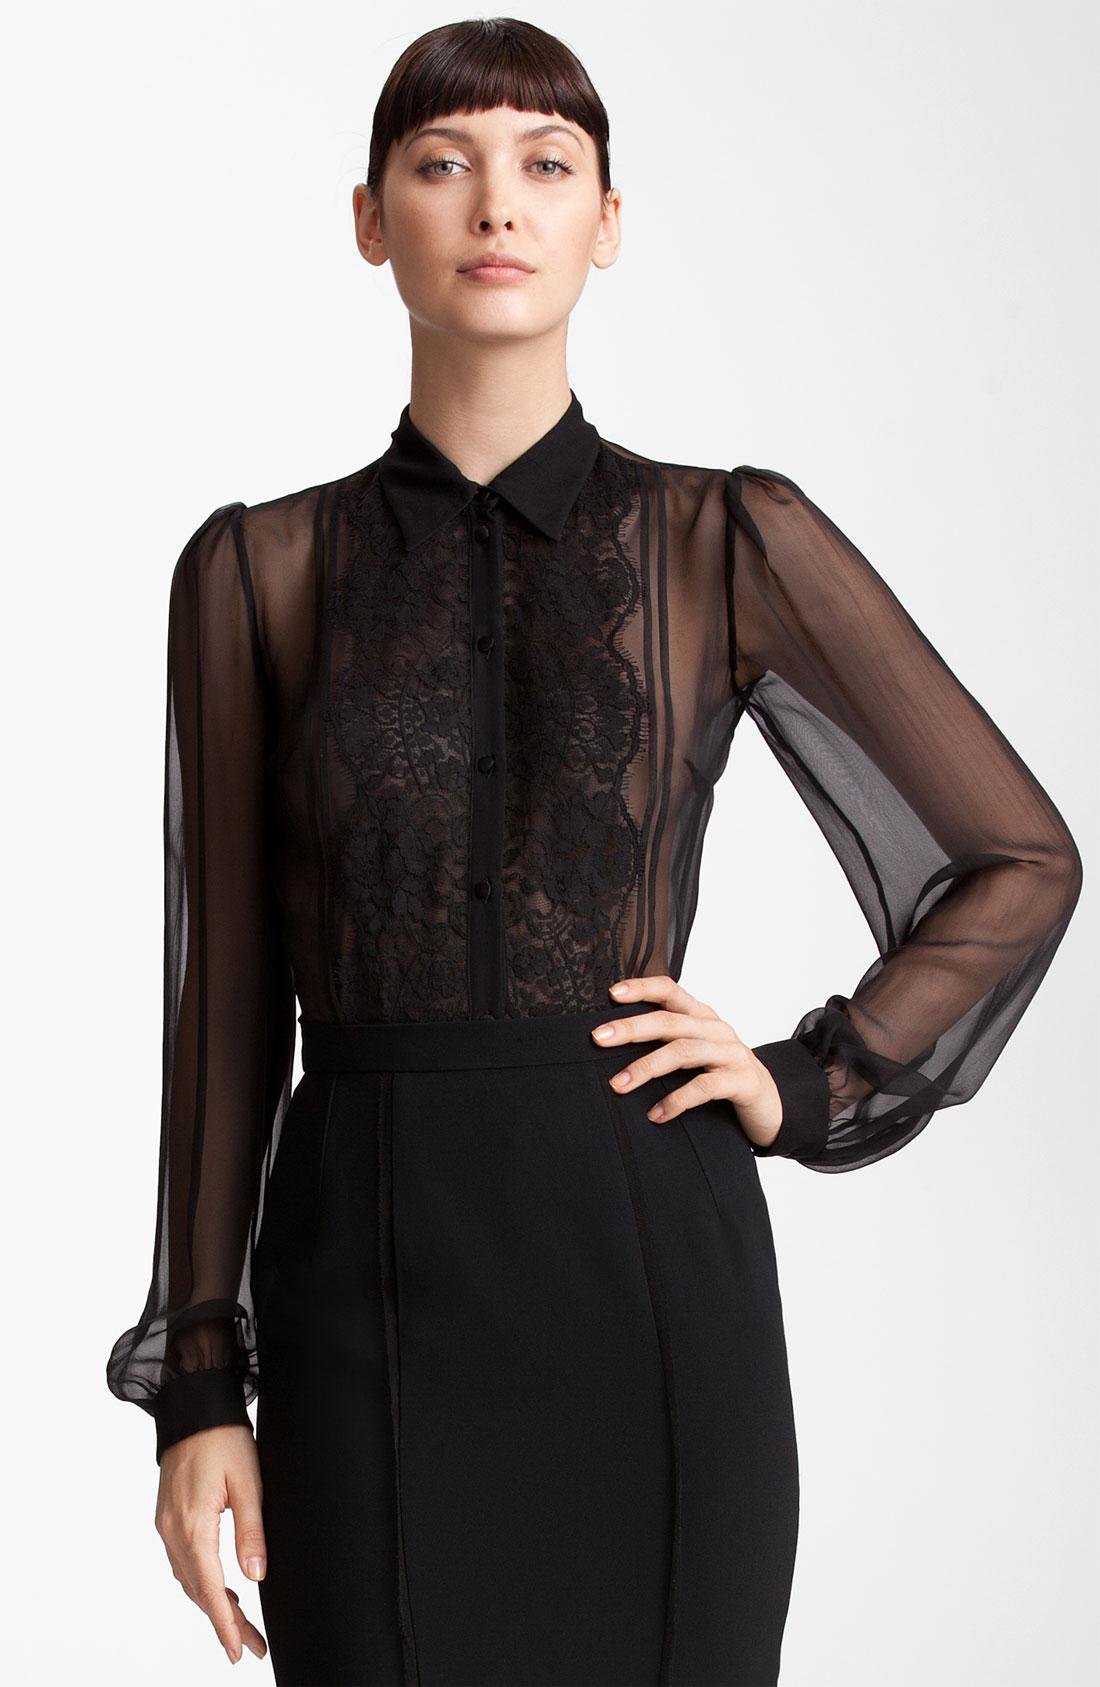 Dolce & gabbana Sheer Chiffon Blouse in Black